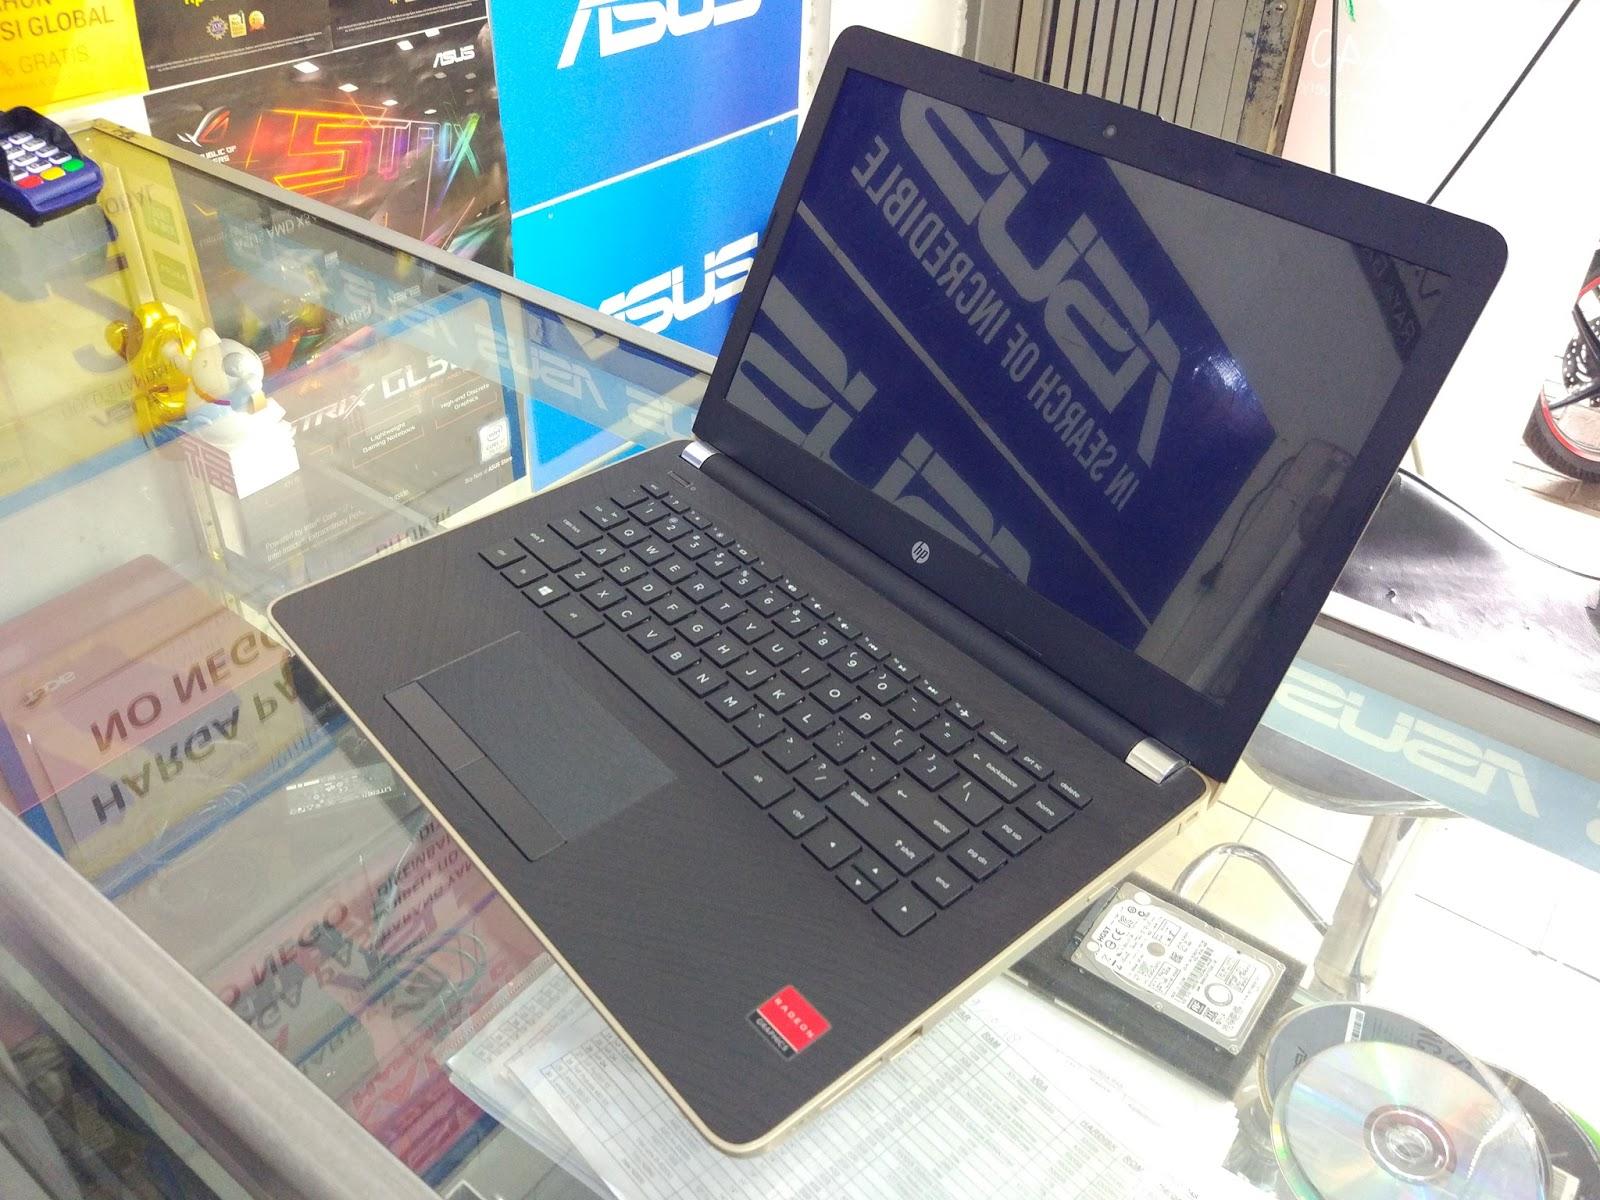 Laptop Hp 14 Bw0xx Amd A9 9420 Gen 7th 2 4ghz Laptop Bekas Malang Laptop Second Notebook Bekas Notebook Second Laptop Malang